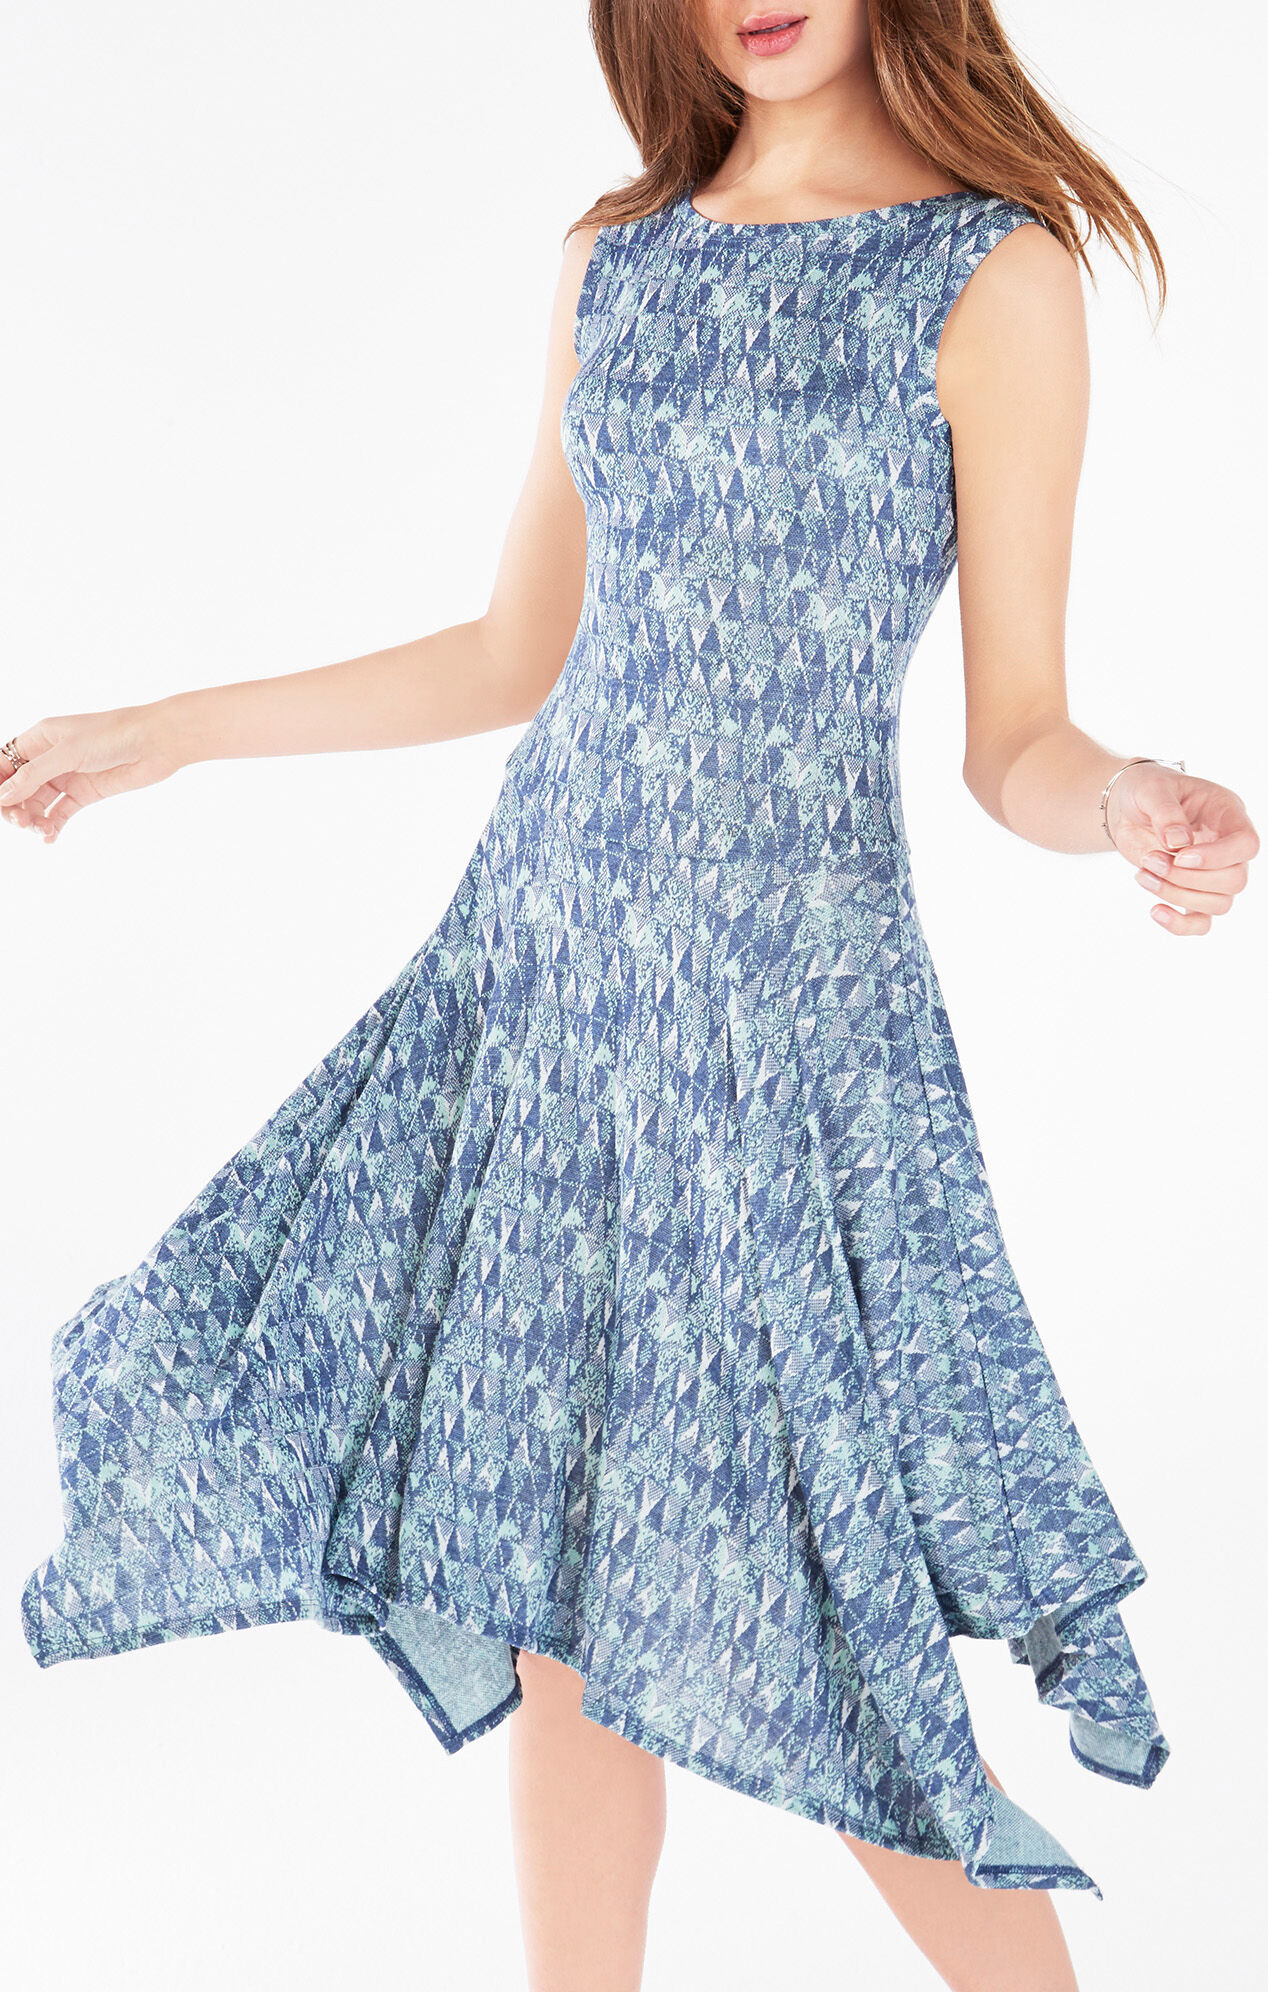 Eleyna Geometric Knit Jacquard Dress